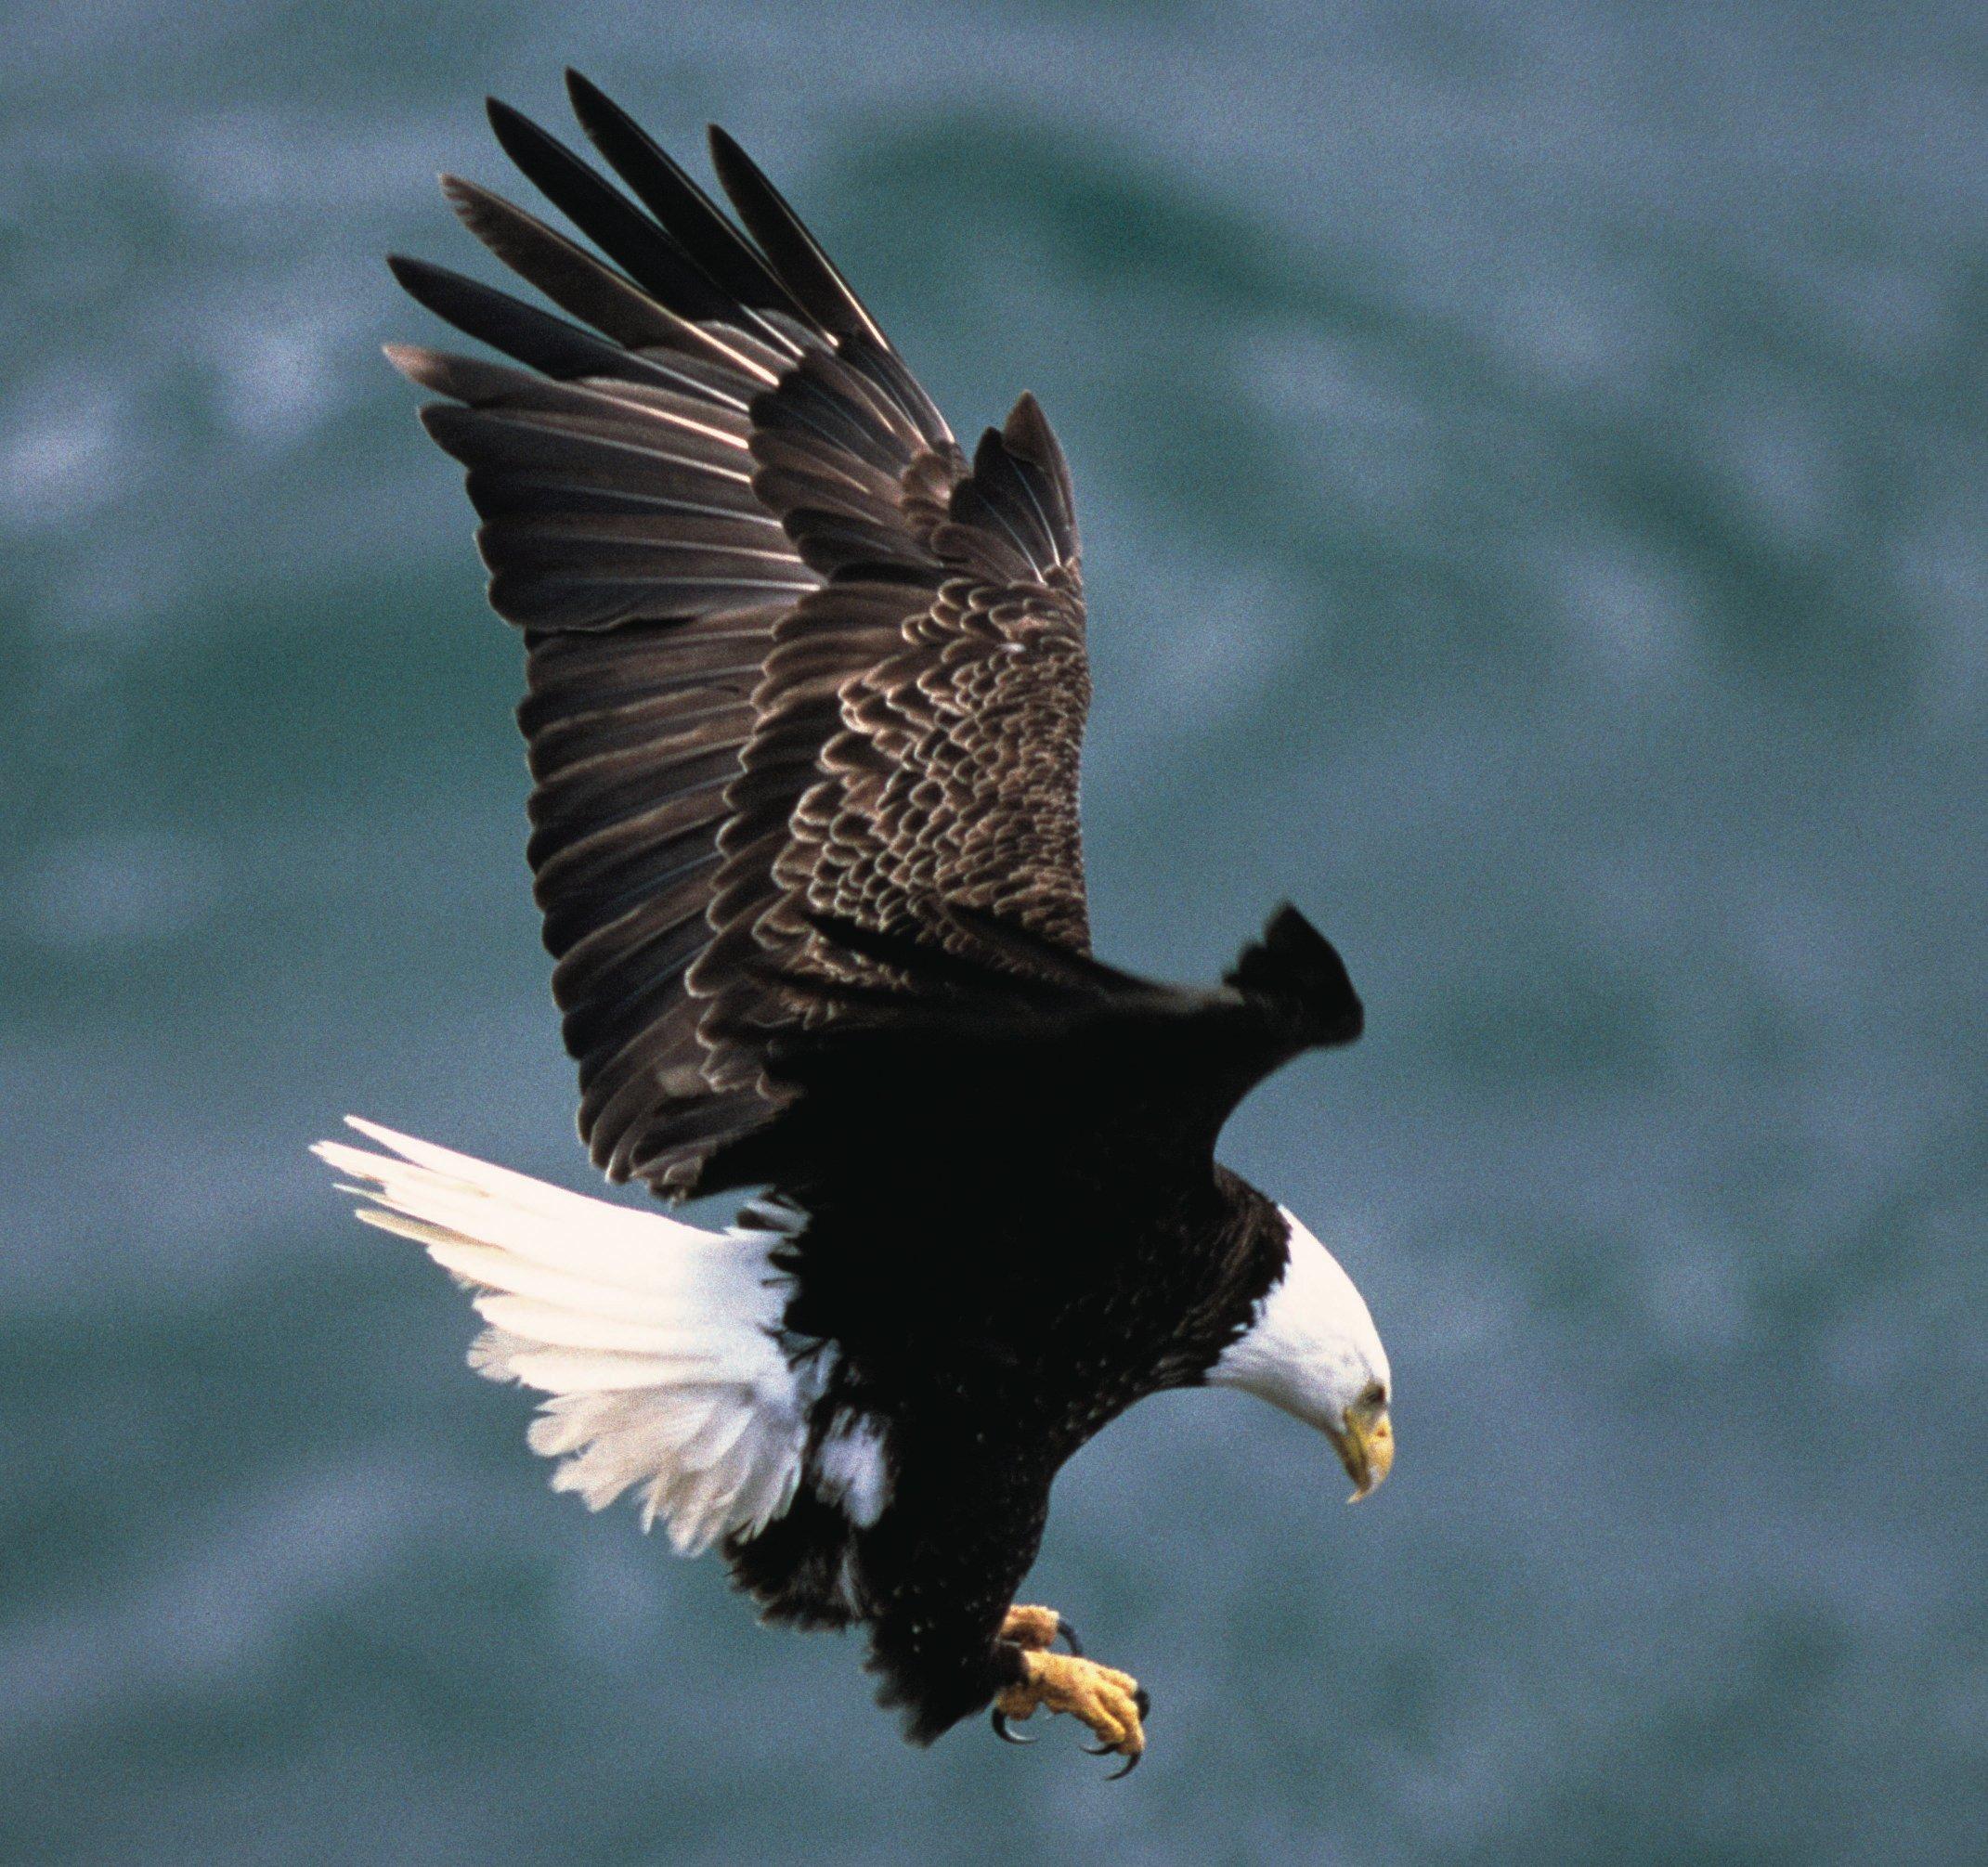 The Bald Eagle Ornithology